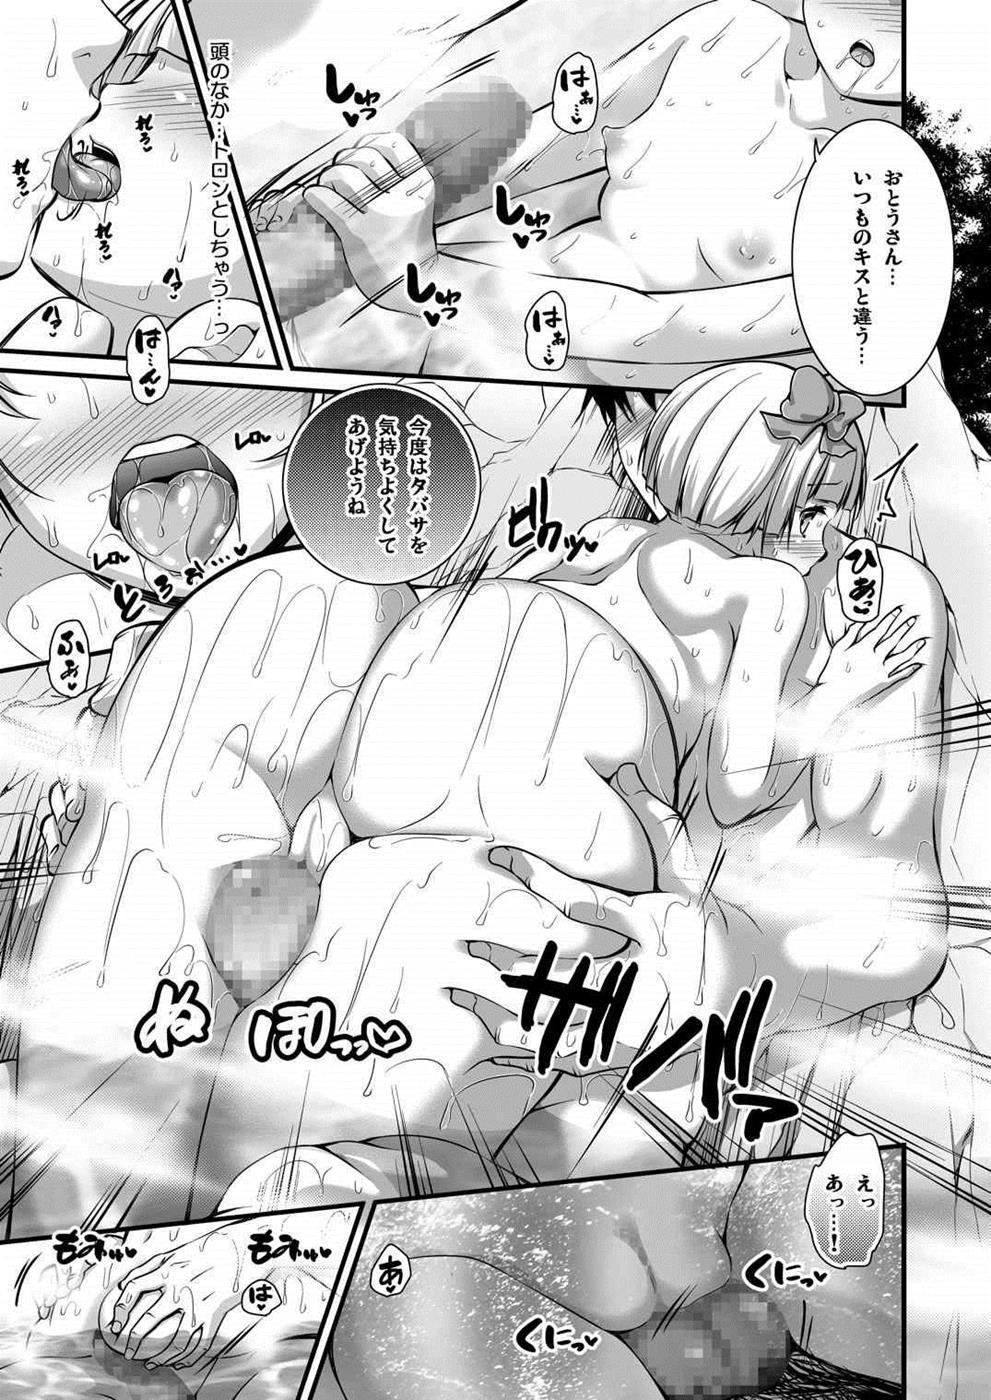 Tenkuu no Konyoku Monogatari 11